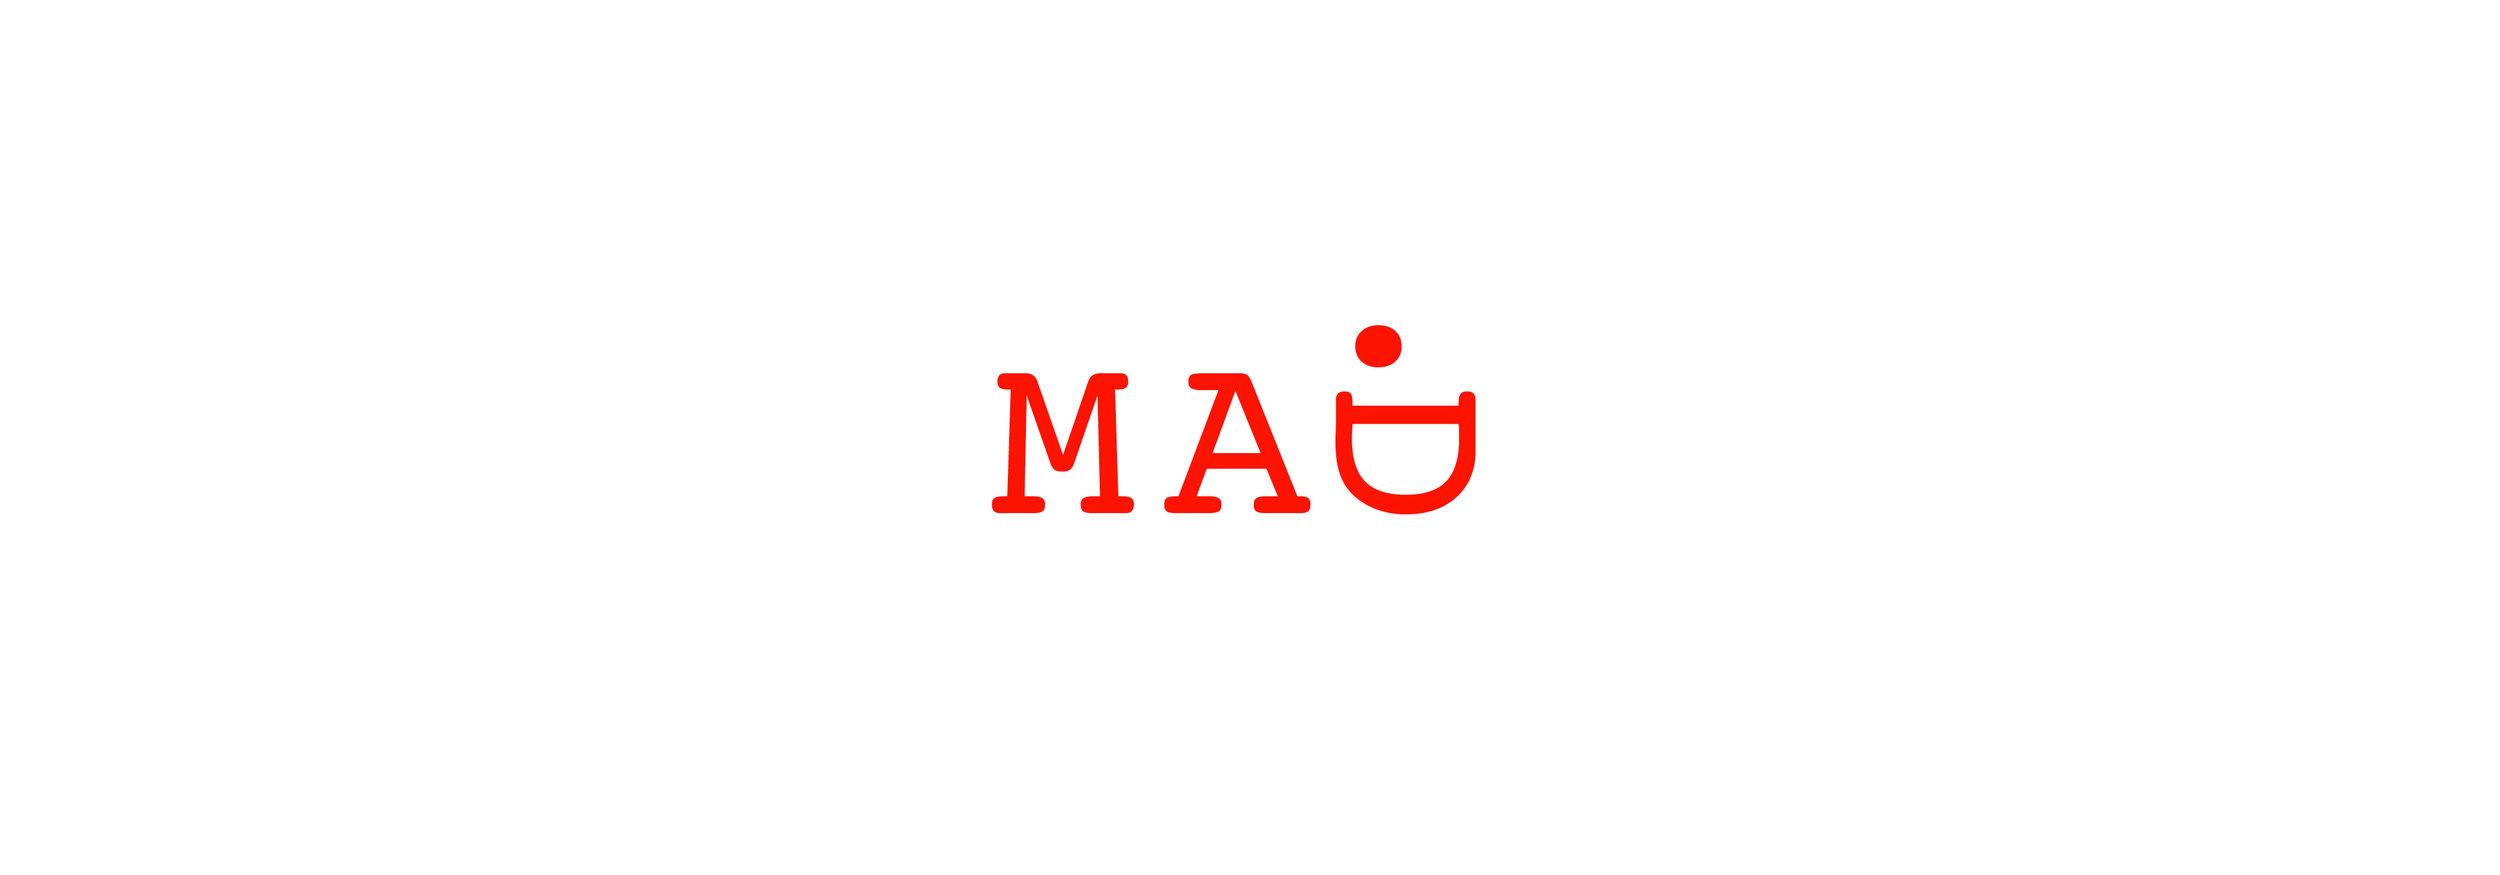 Option 2 Logo